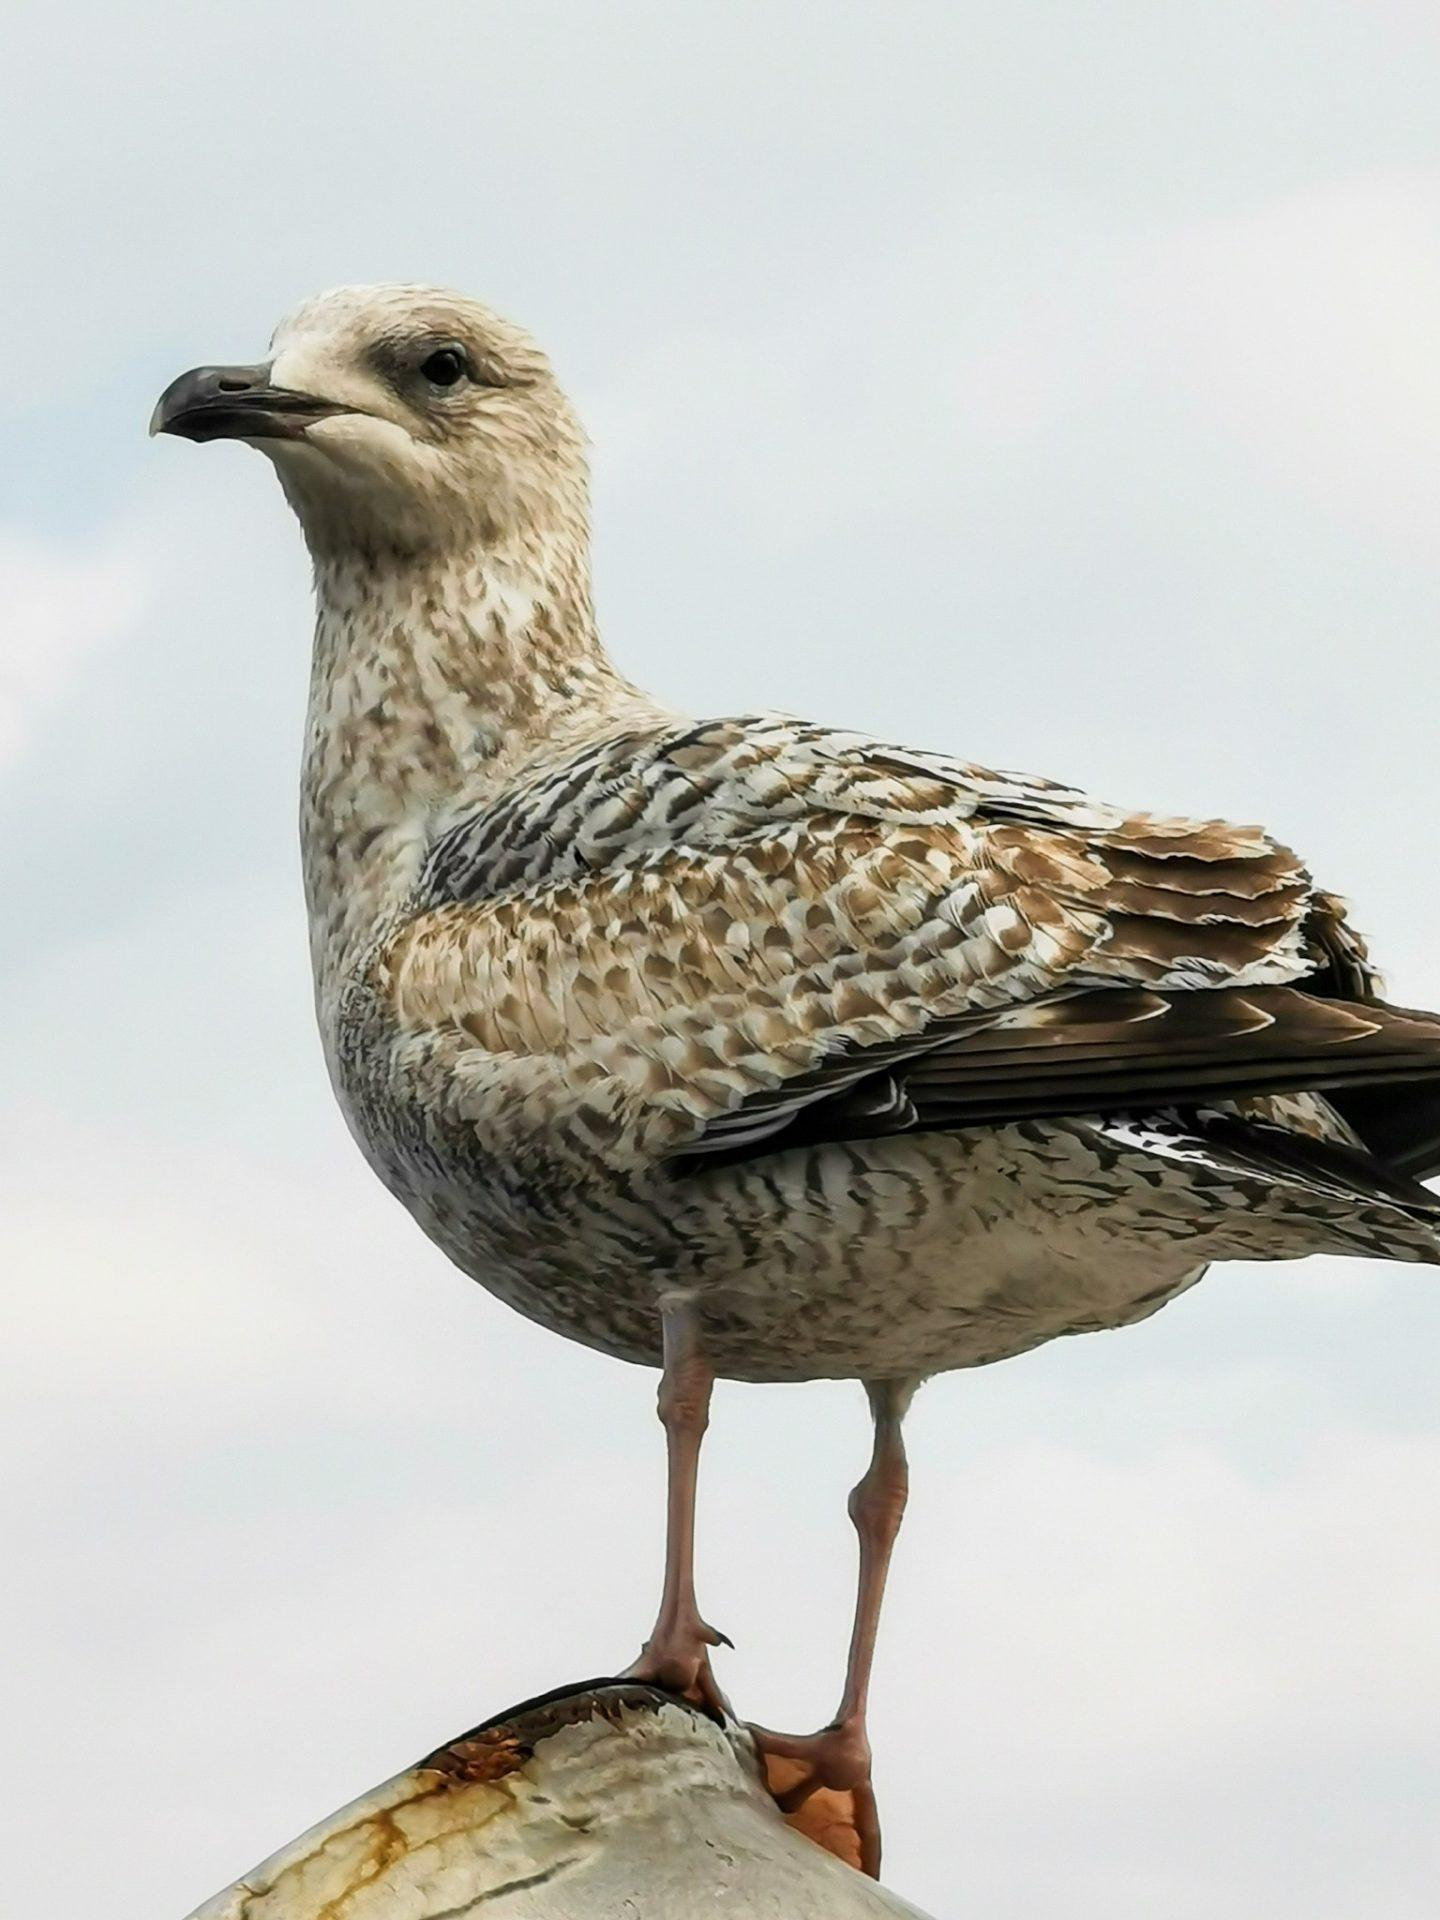 huawei p30 pro review  seagull Dublin x10